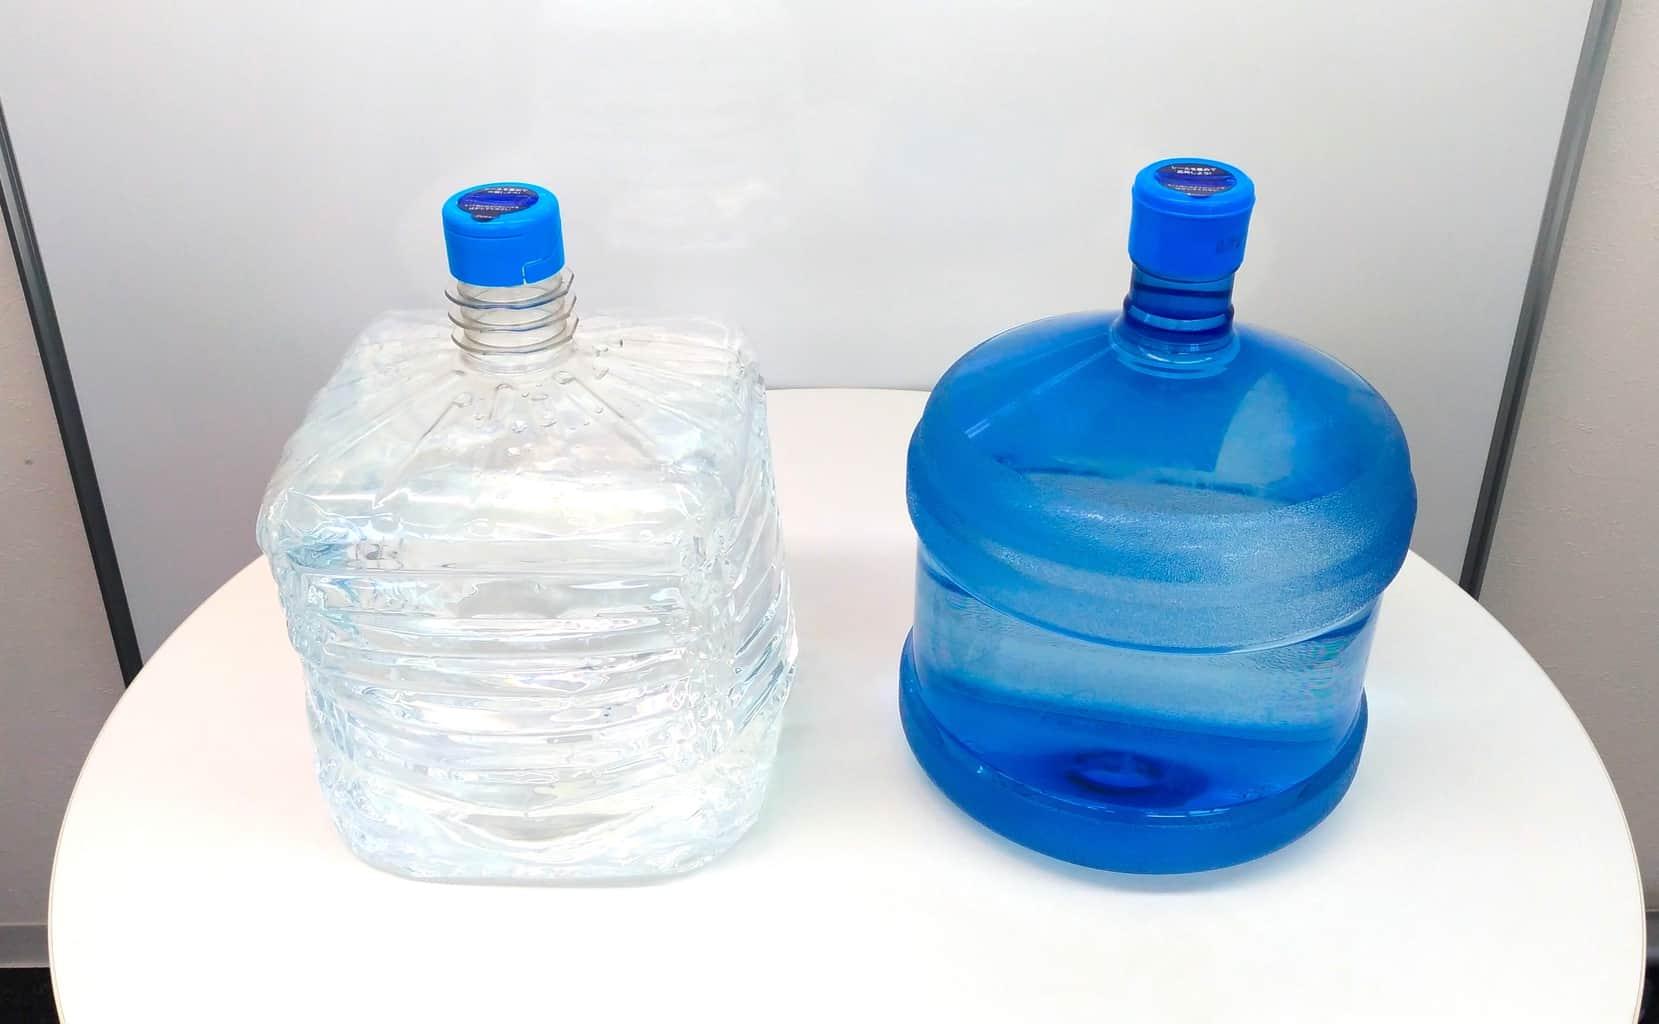 ウォーターサーバーのボトル